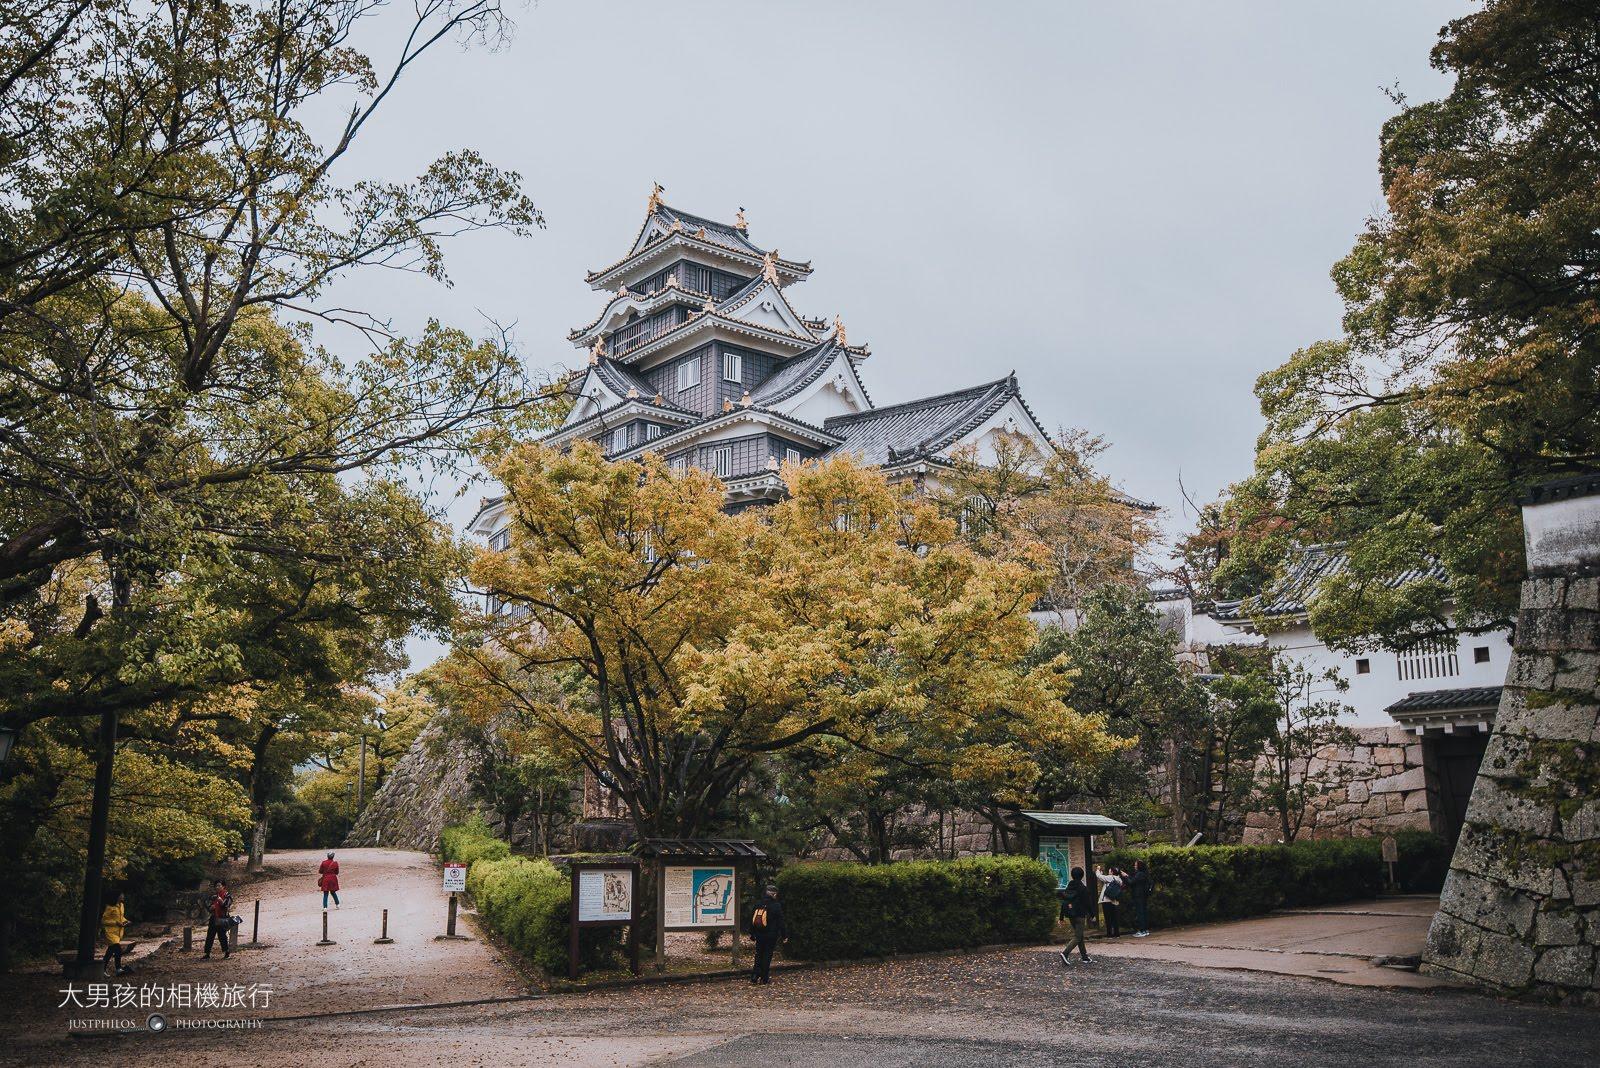 岡山城又被稱作烏城,天守閣本身雖不大但滿具有特色。